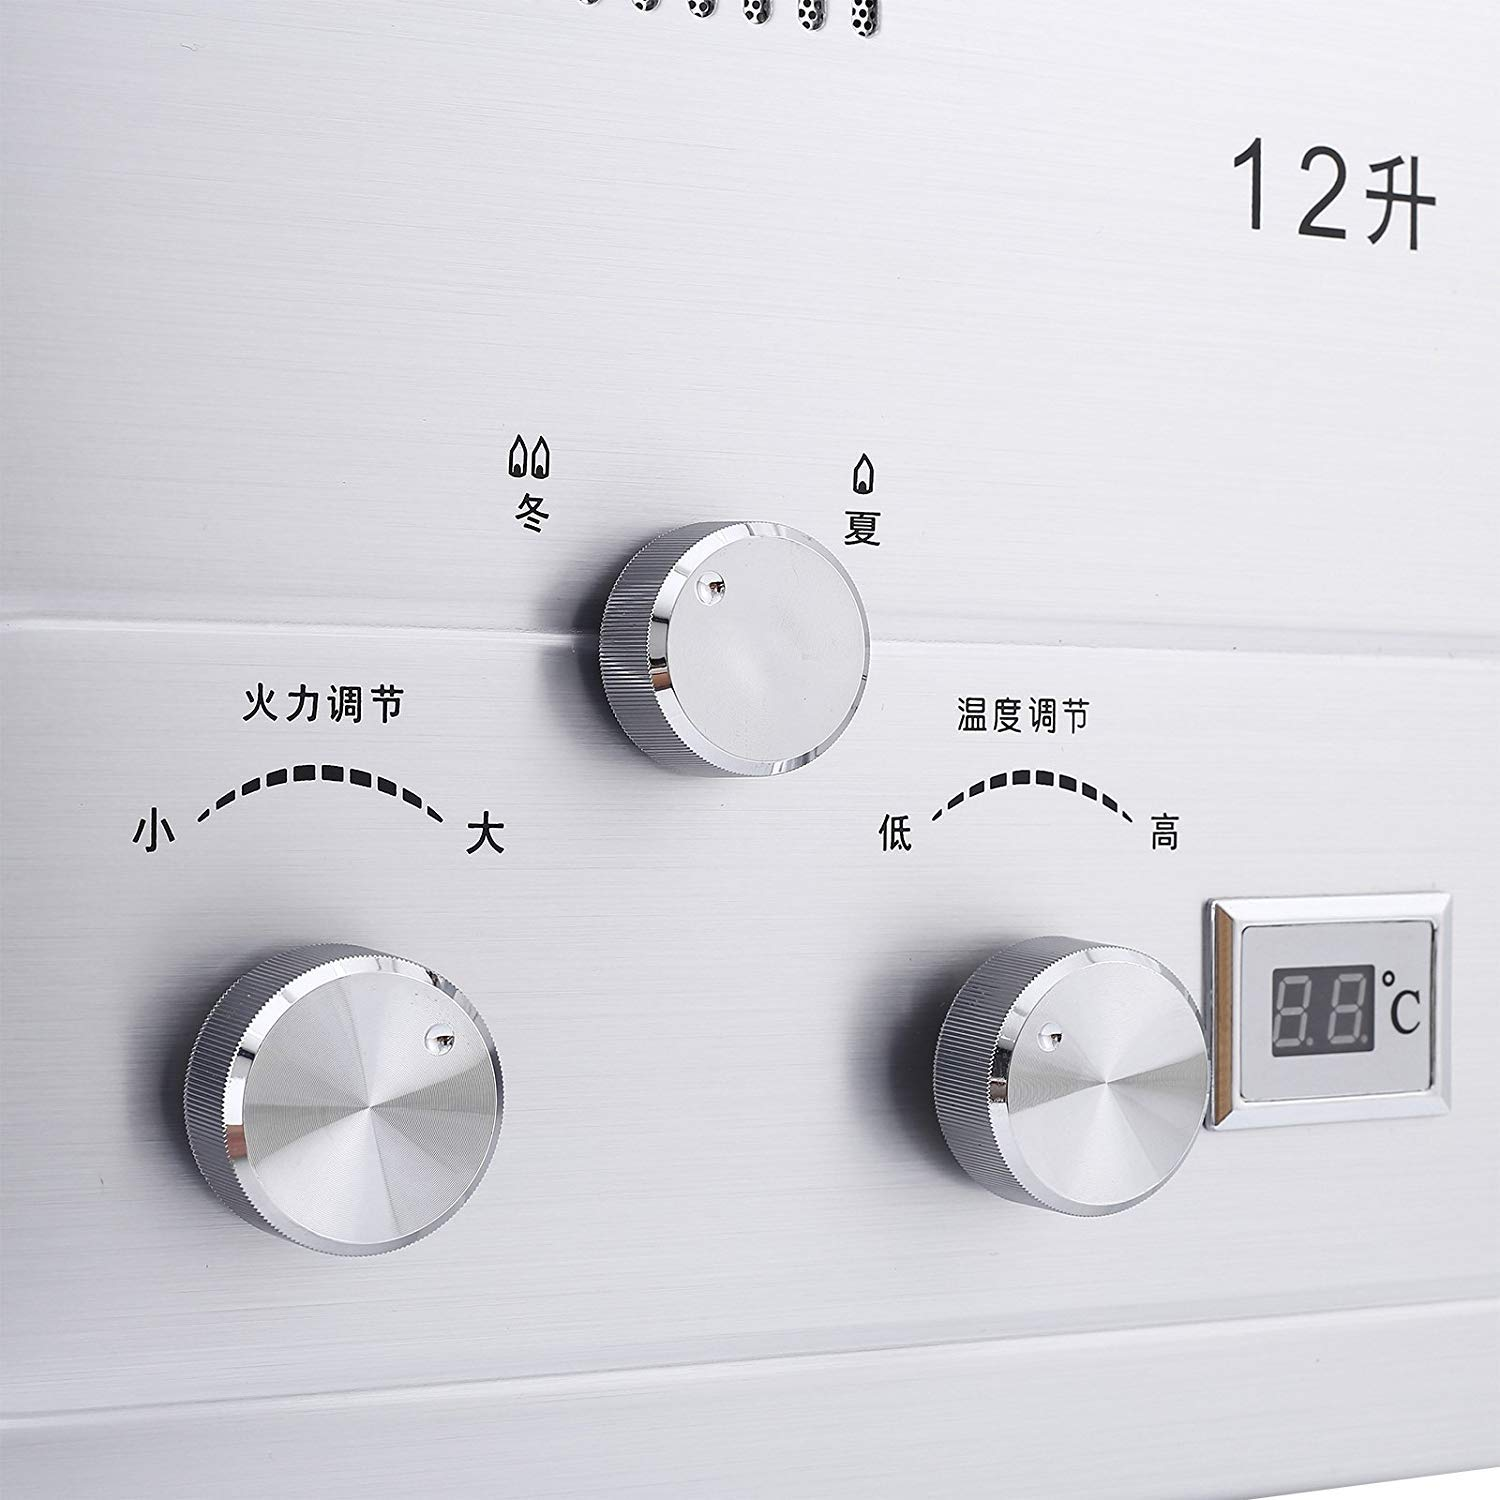 FlowerW 12L LNG Gas Warmwasserbereiter 3.2GPM Tankless Instant Boiler mit Dusche und LCD Anzeige Fl/üssigerdgas Durchlauferhitzer Set 12L LNG 3.2GPM